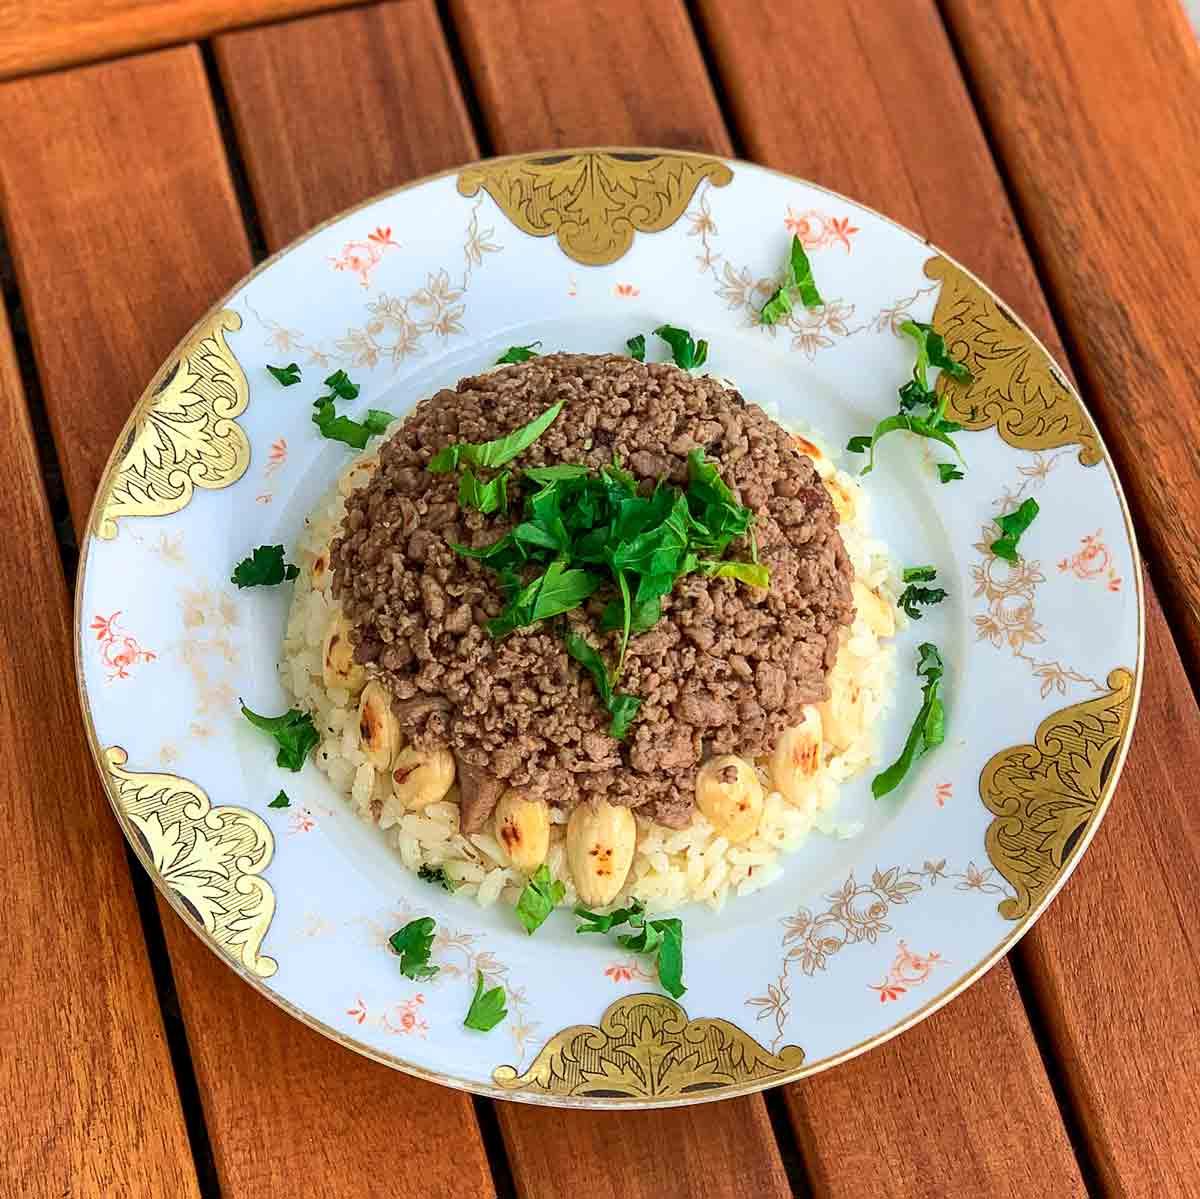 Duvaklı (Çekme) Pilav - Geschichteter Pilaw mit Mandeln und Mini-Fleischwürfeln